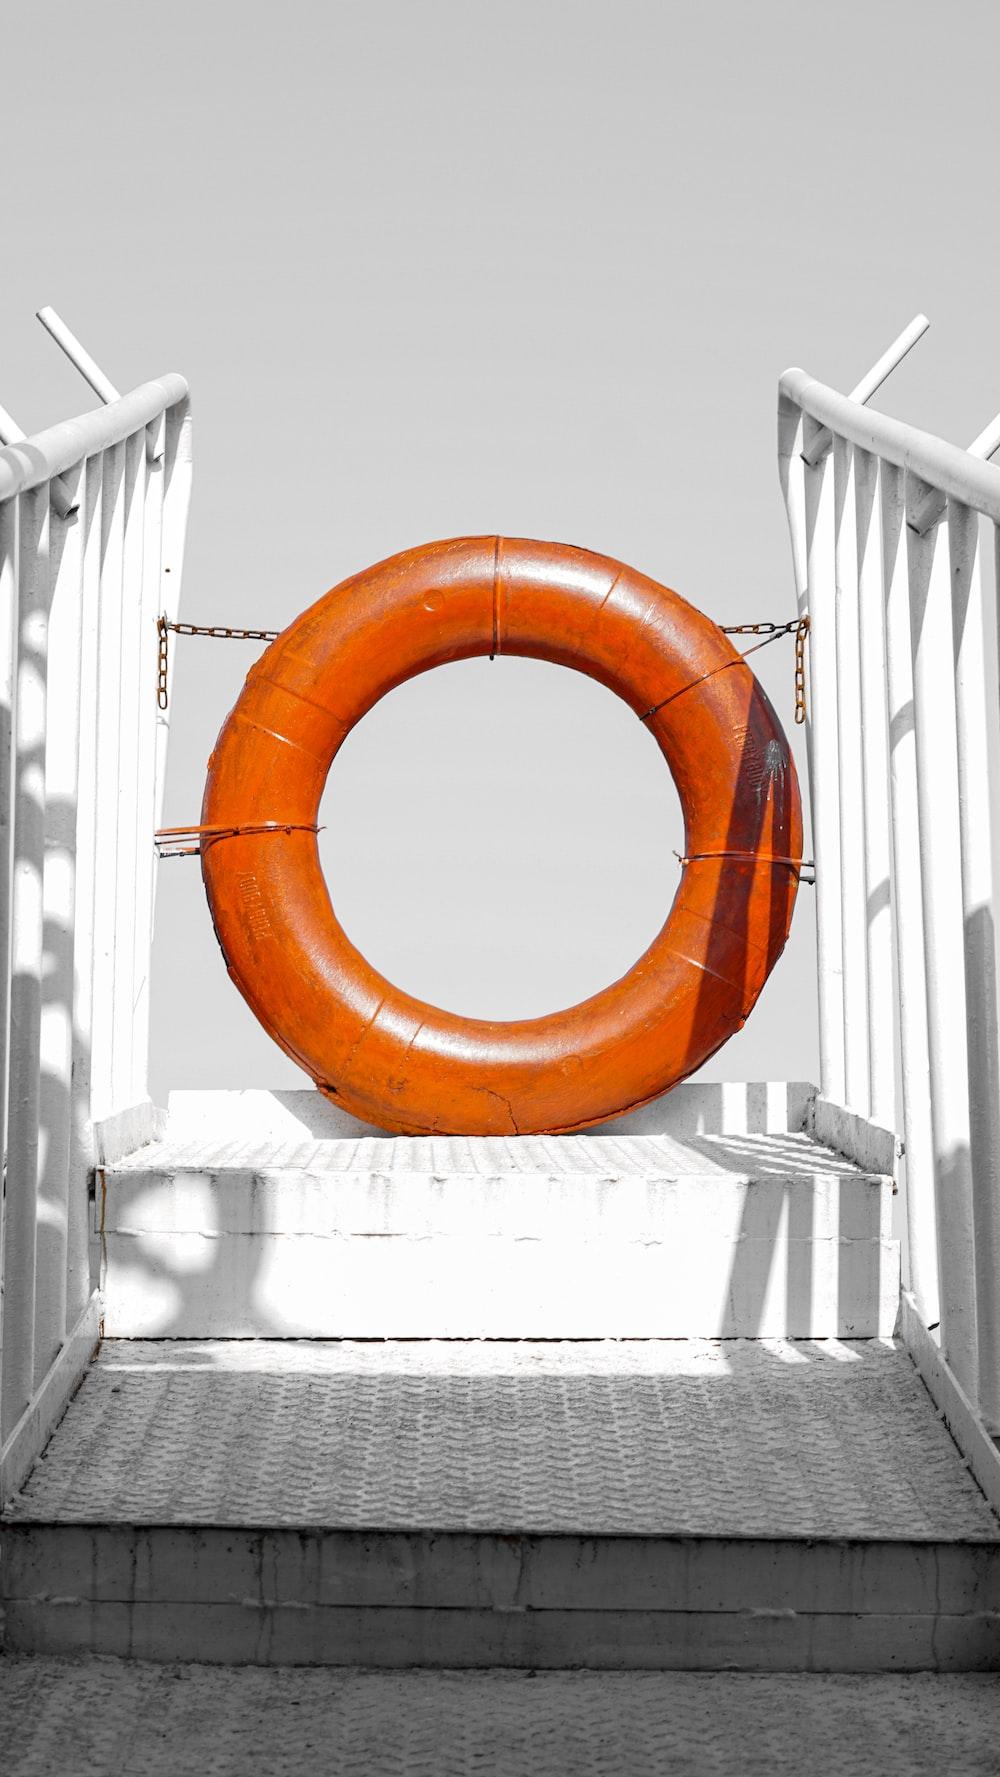 orange life buoy on white wooden fence